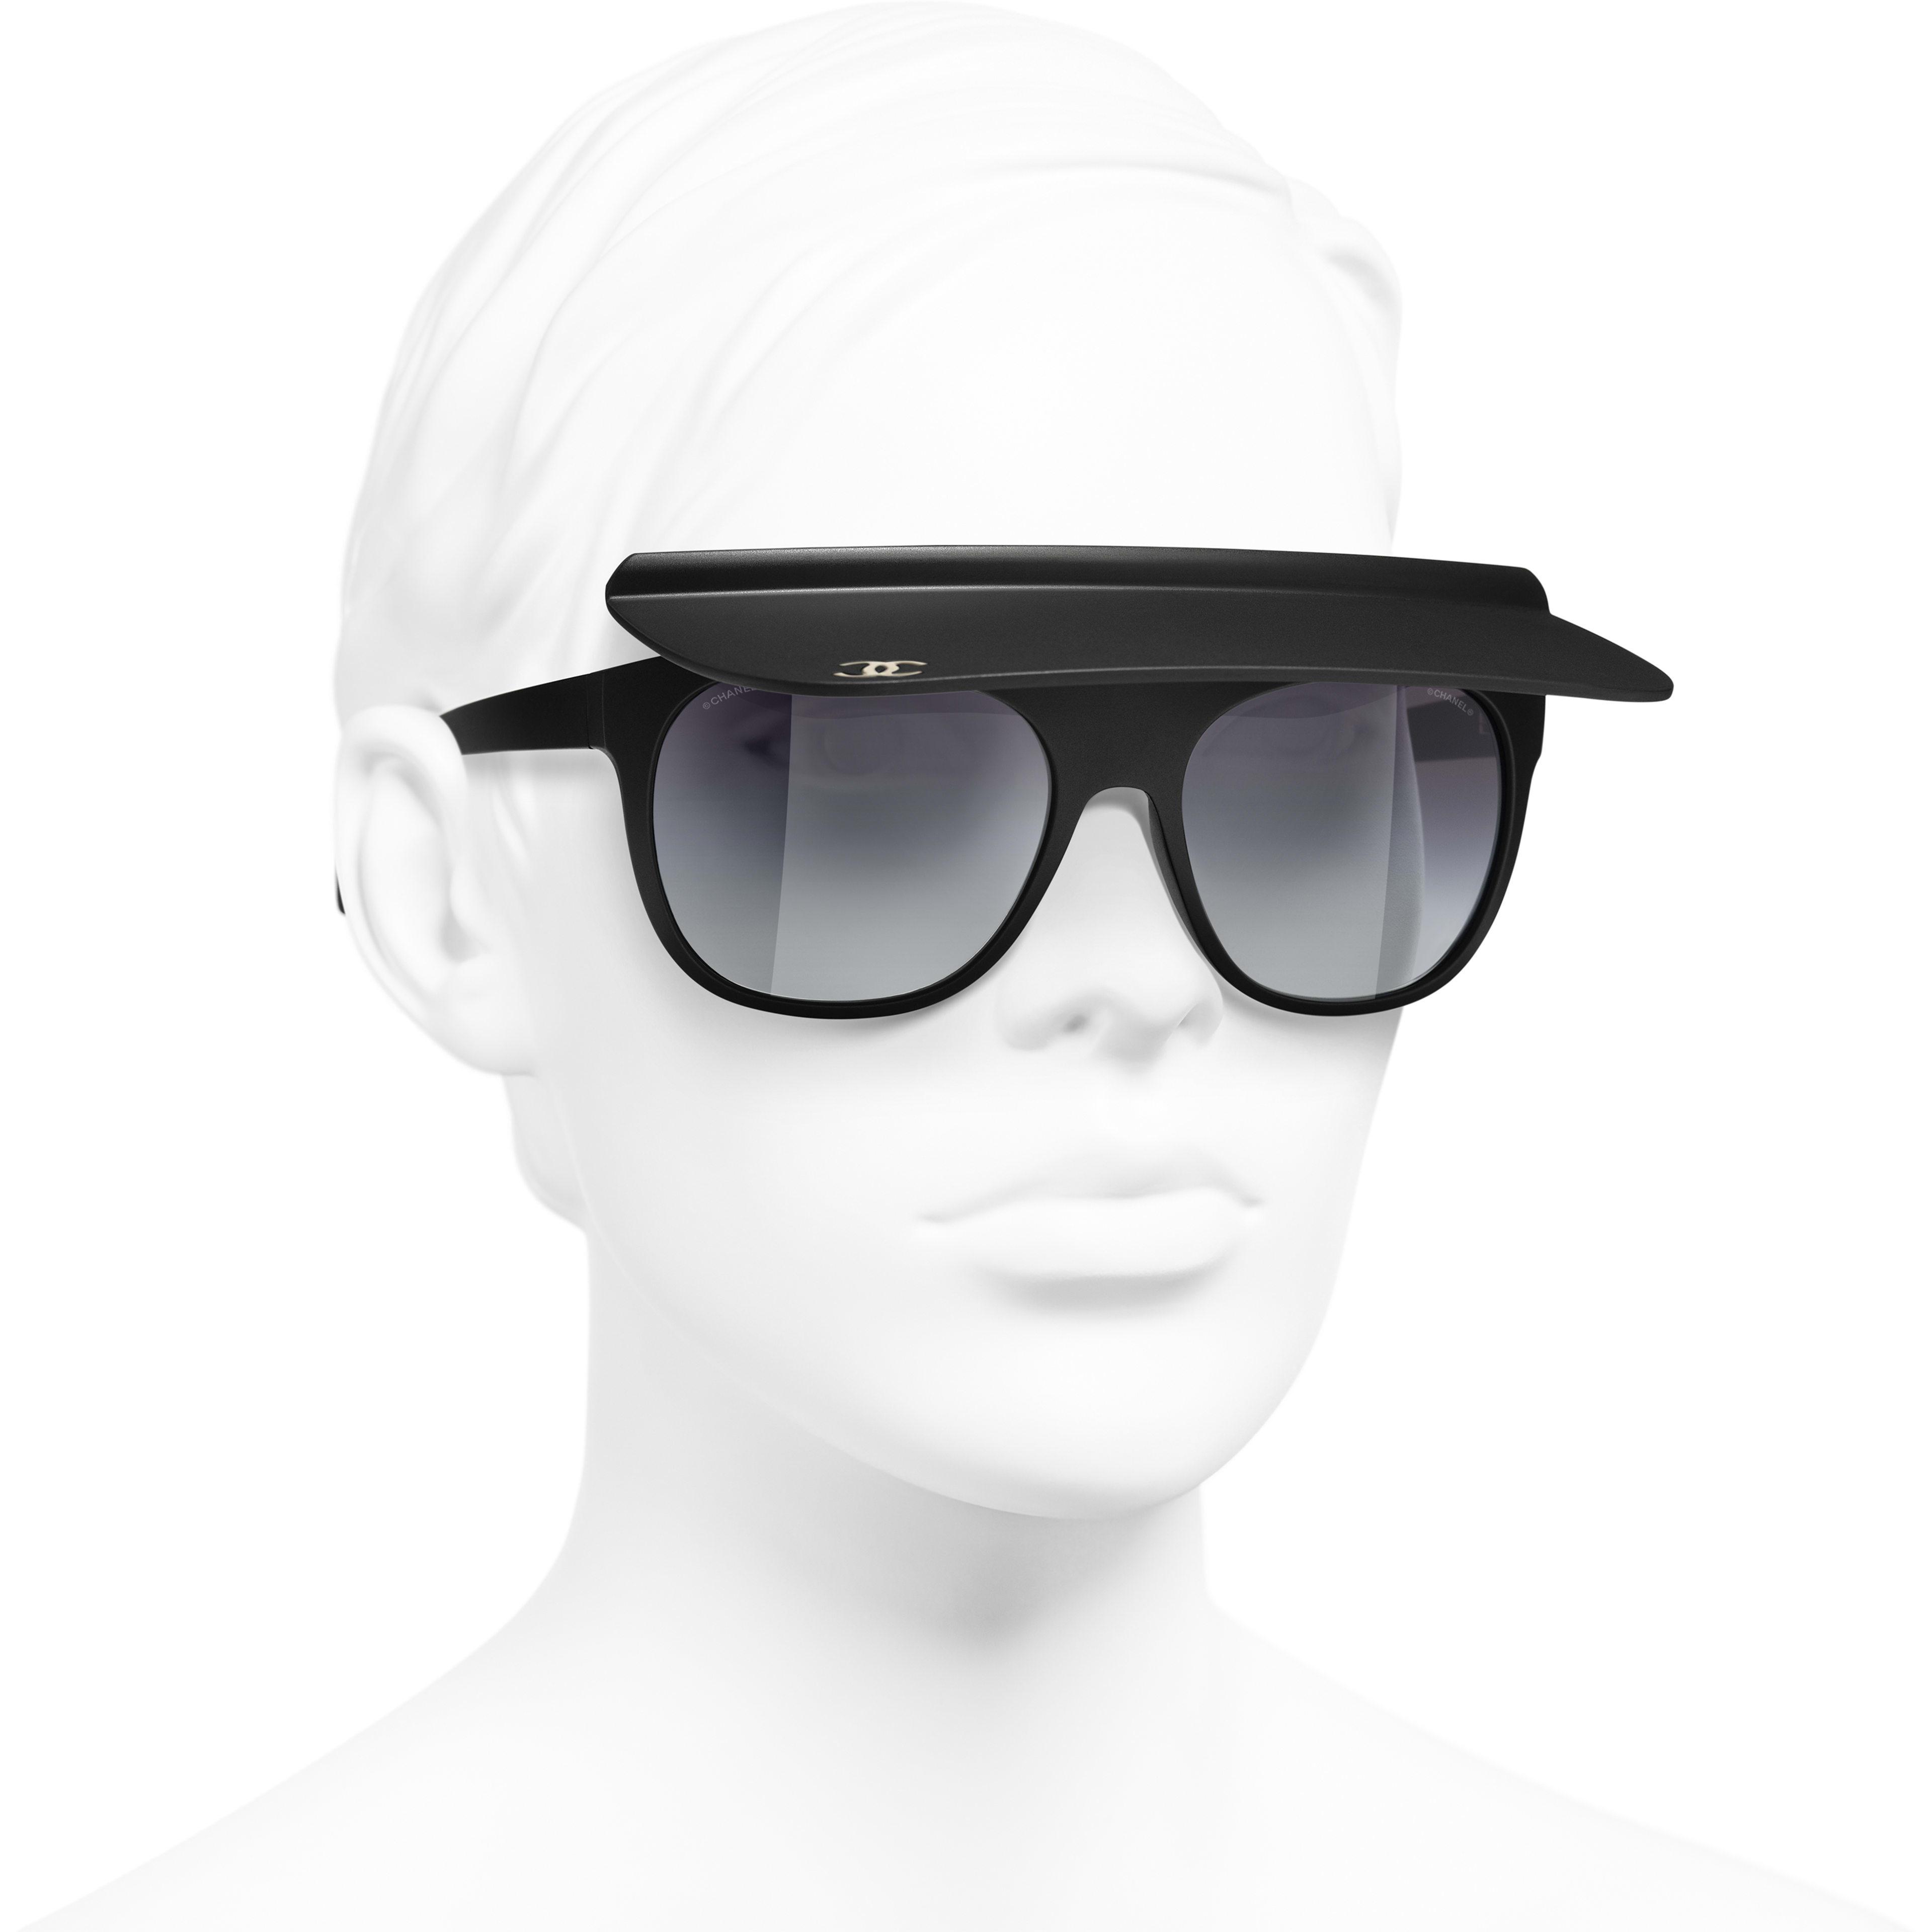 Occhiali a visiera - Nero - Nylon - CHANEL - Immagine 3/4 articolo indossato - vedere versione standard